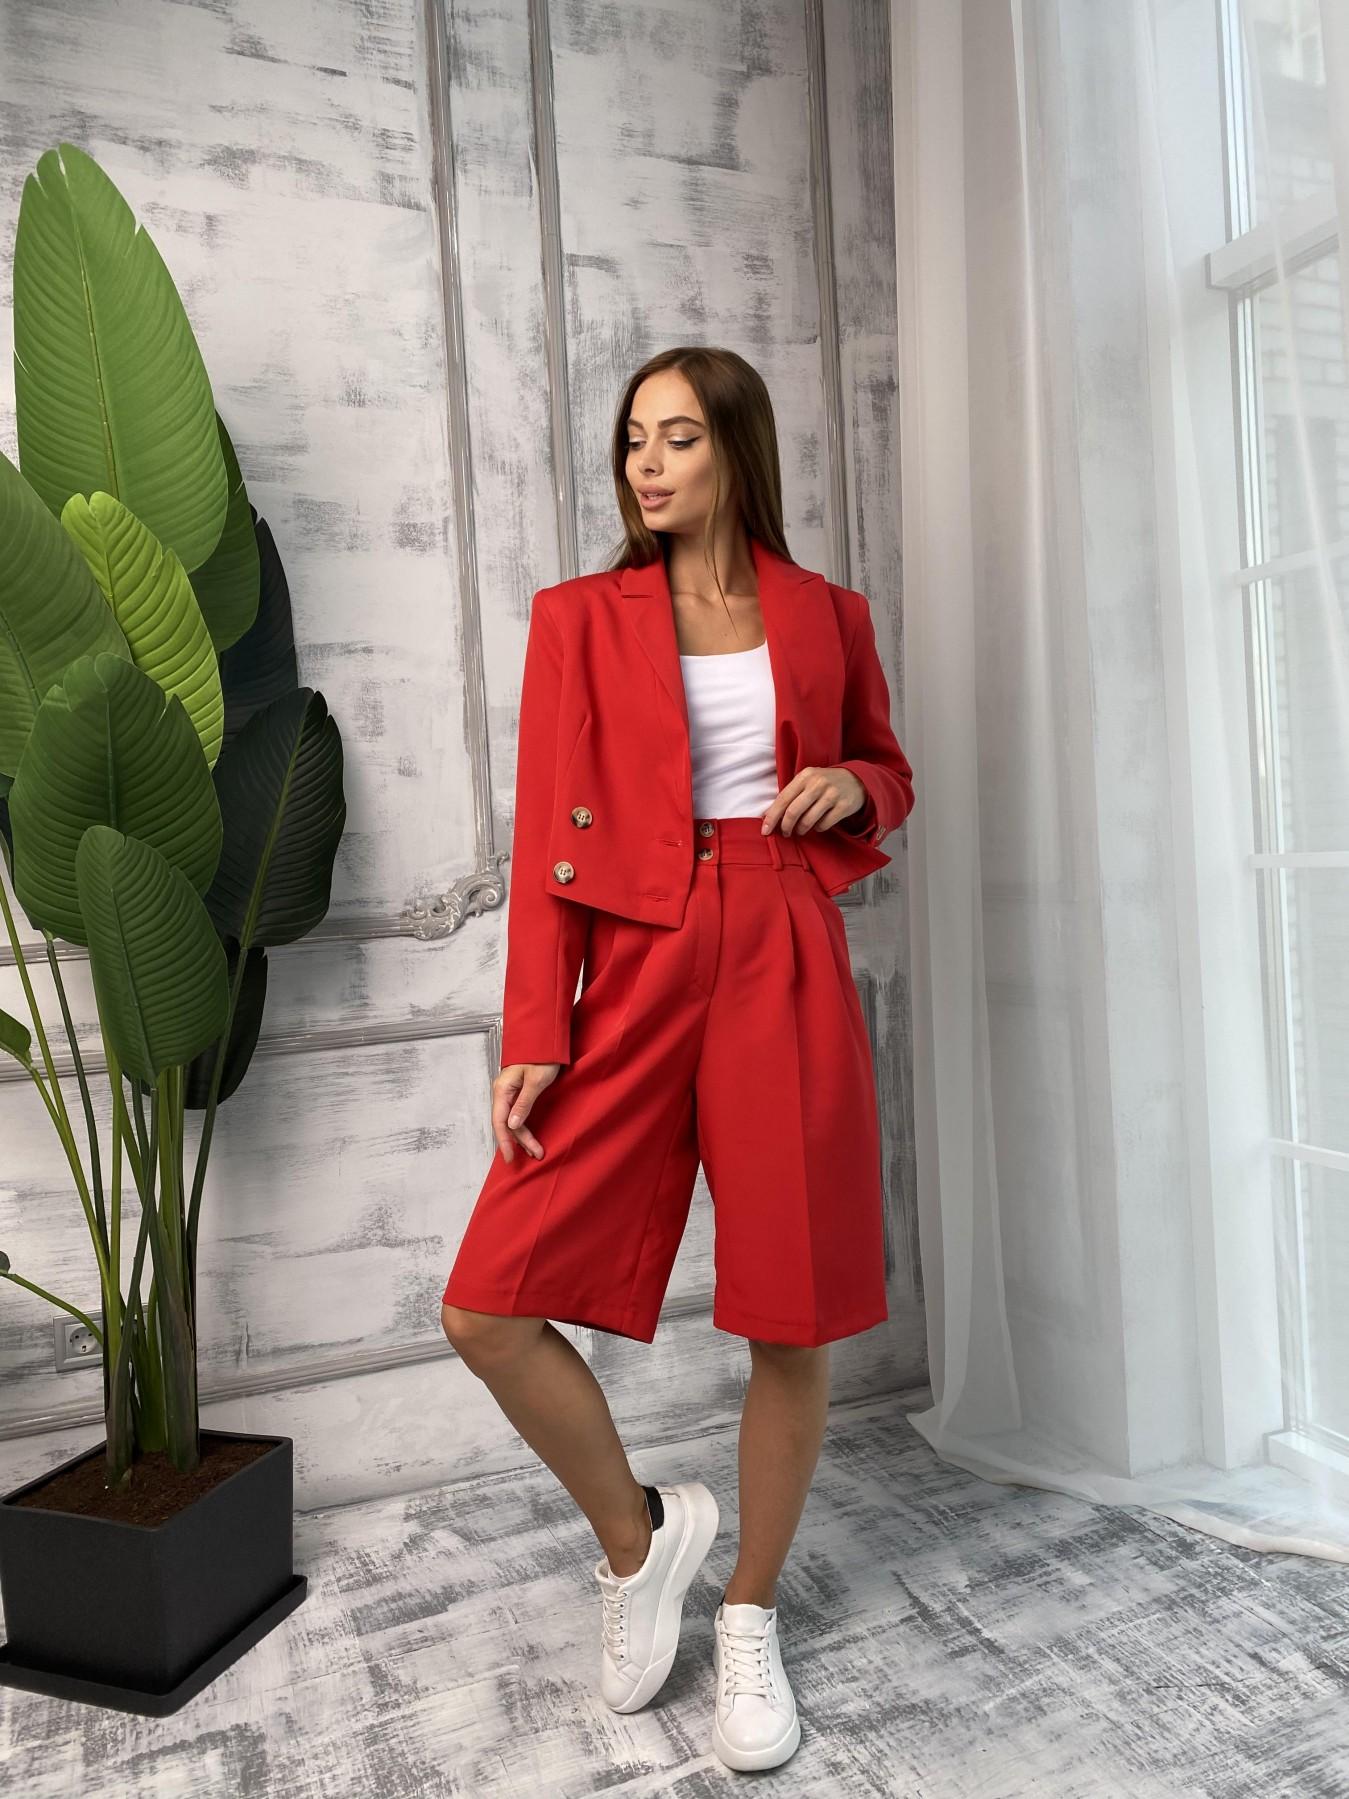 Оксфорд костюм из костюмной ткани стрейч 11548 АРТ. 48400 Цвет: Красный - фото 1, интернет магазин tm-modus.ru